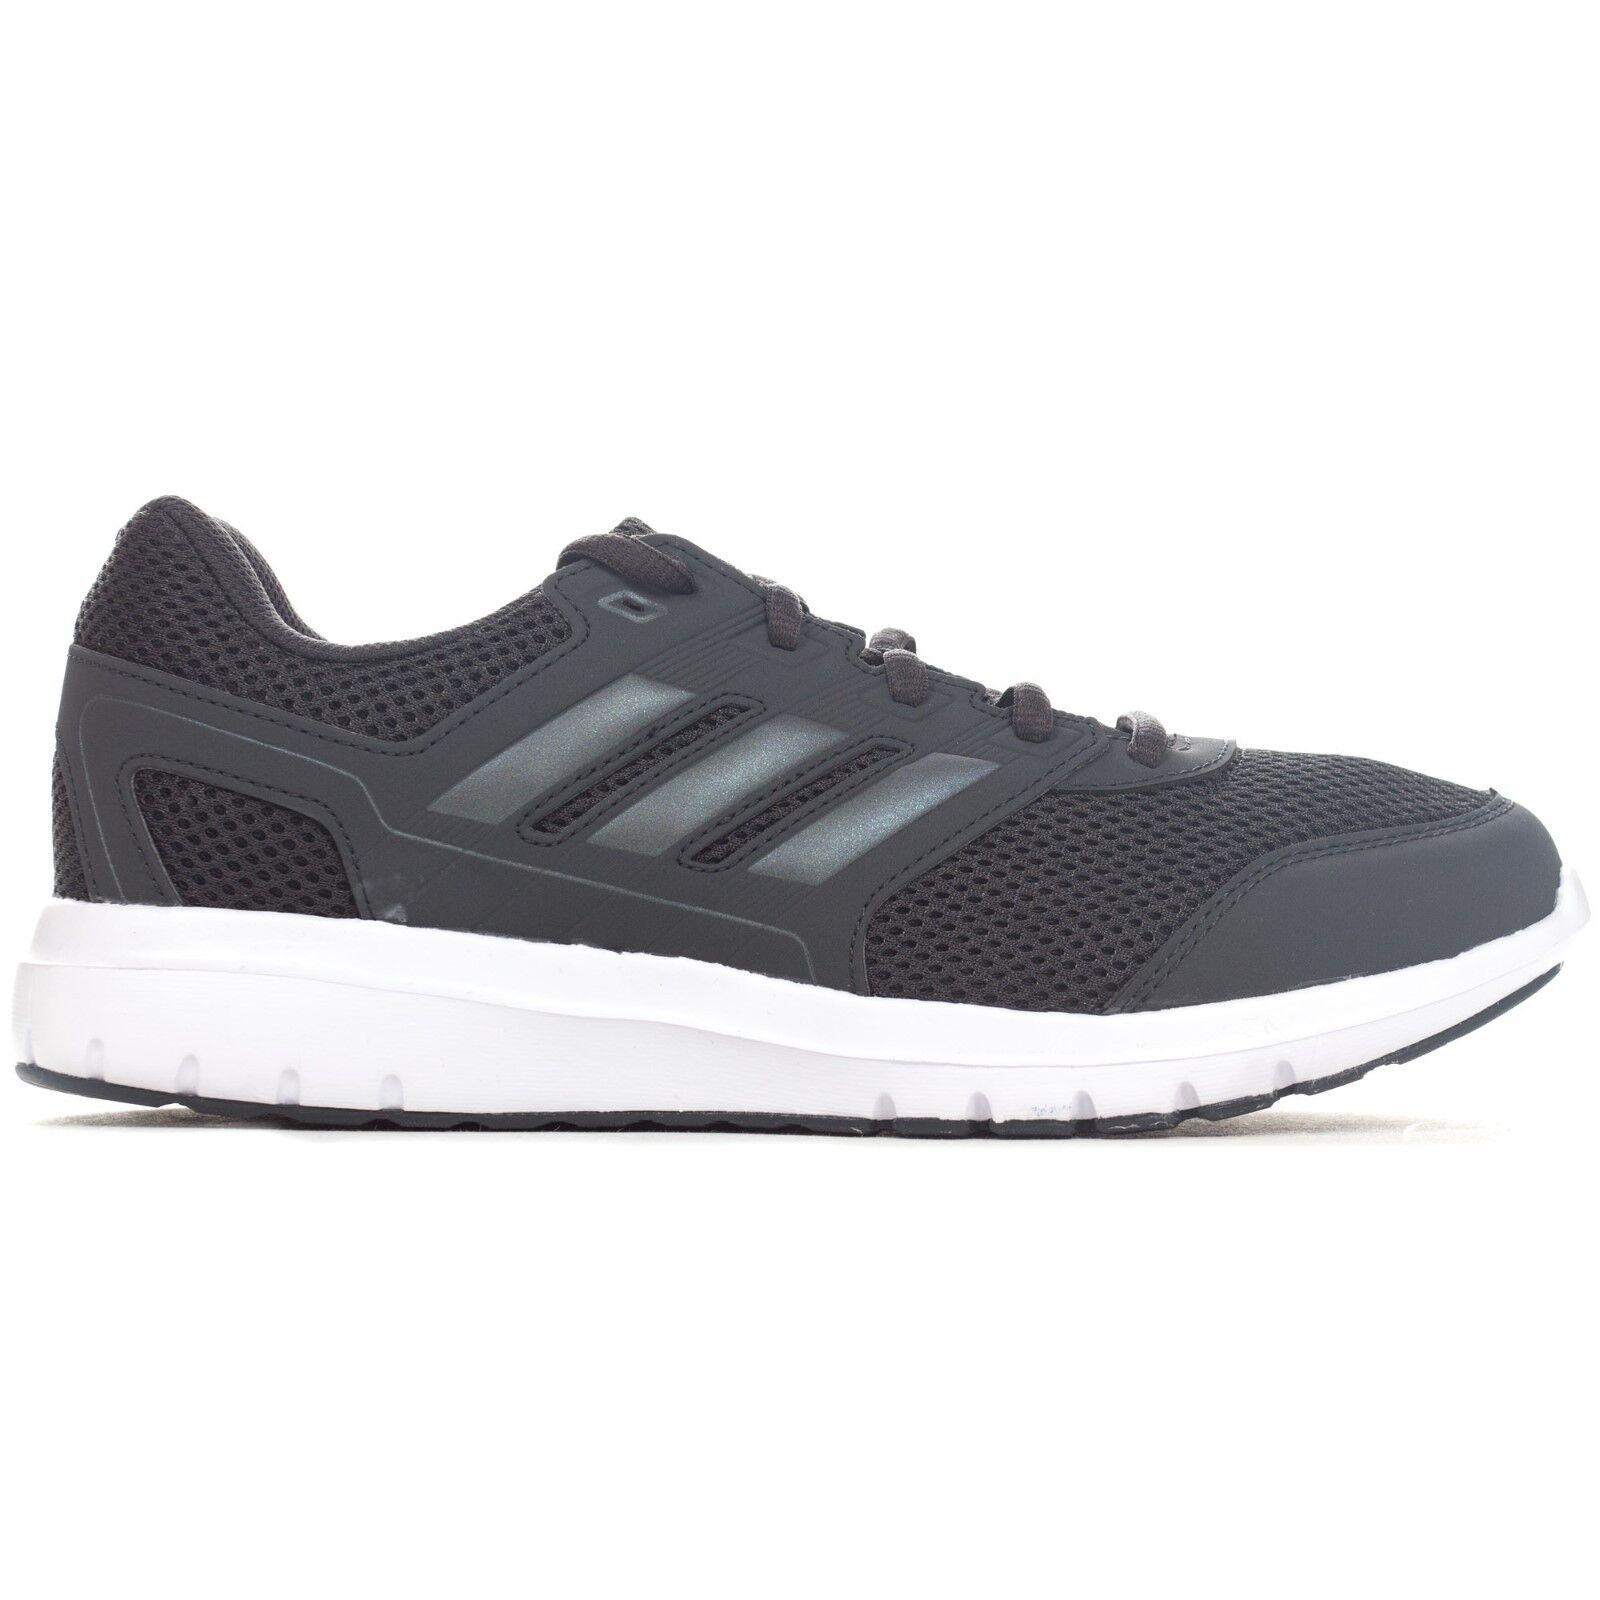 Nuevas Adidas Para  Hombre Duramo Lite Correr Zapatillas Uk Talla 7 a 10  60% de descuento